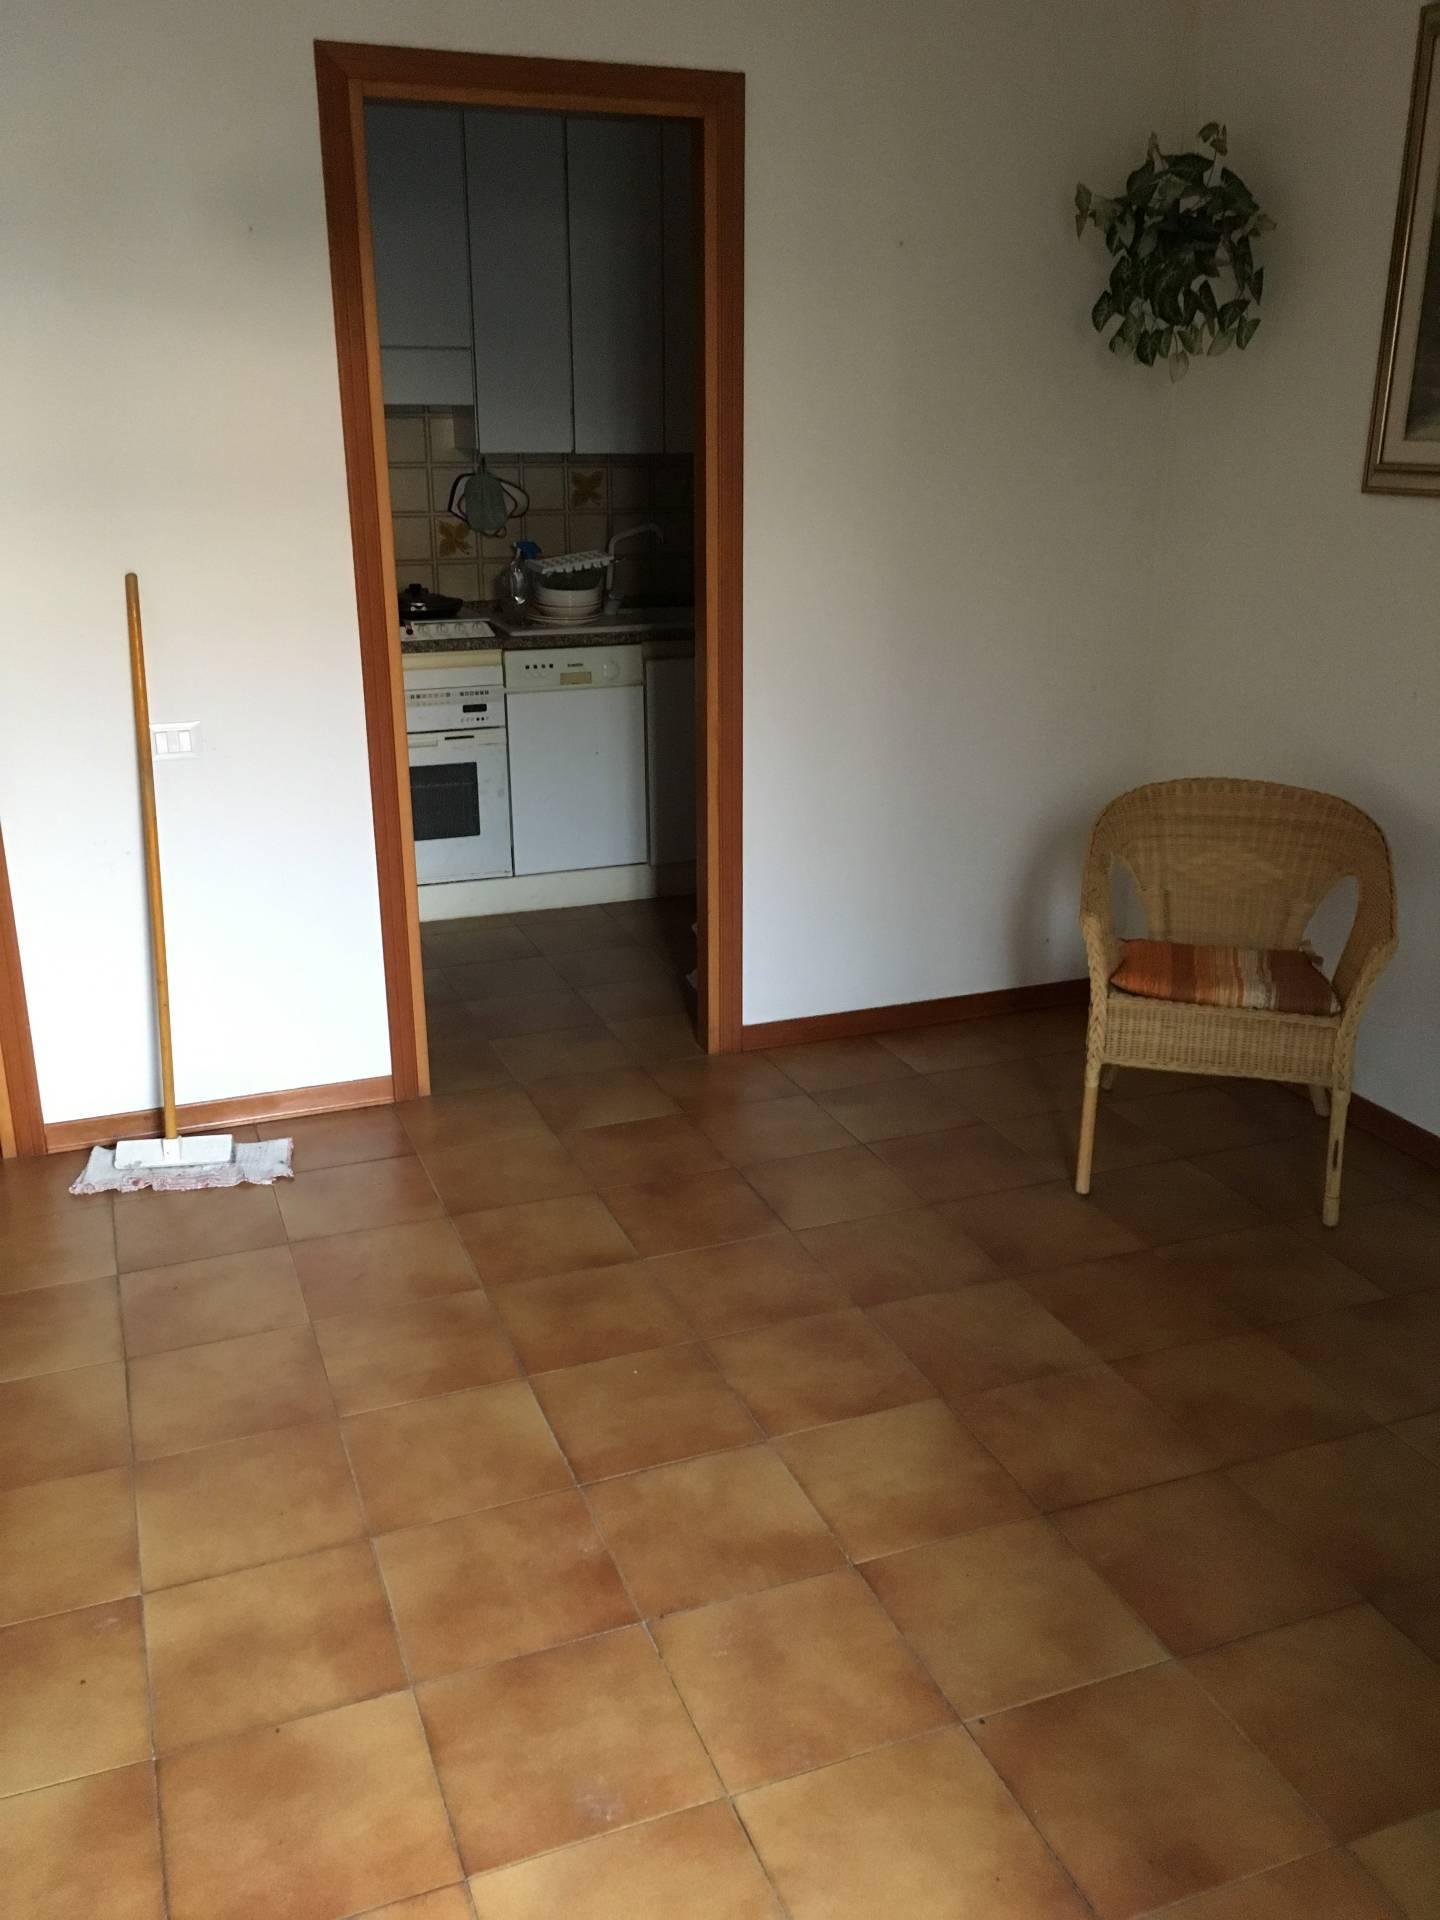 Appartamento in vendita a Fabriano, 5 locali, zona Località: PERIFERIA, prezzo € 90.000   CambioCasa.it